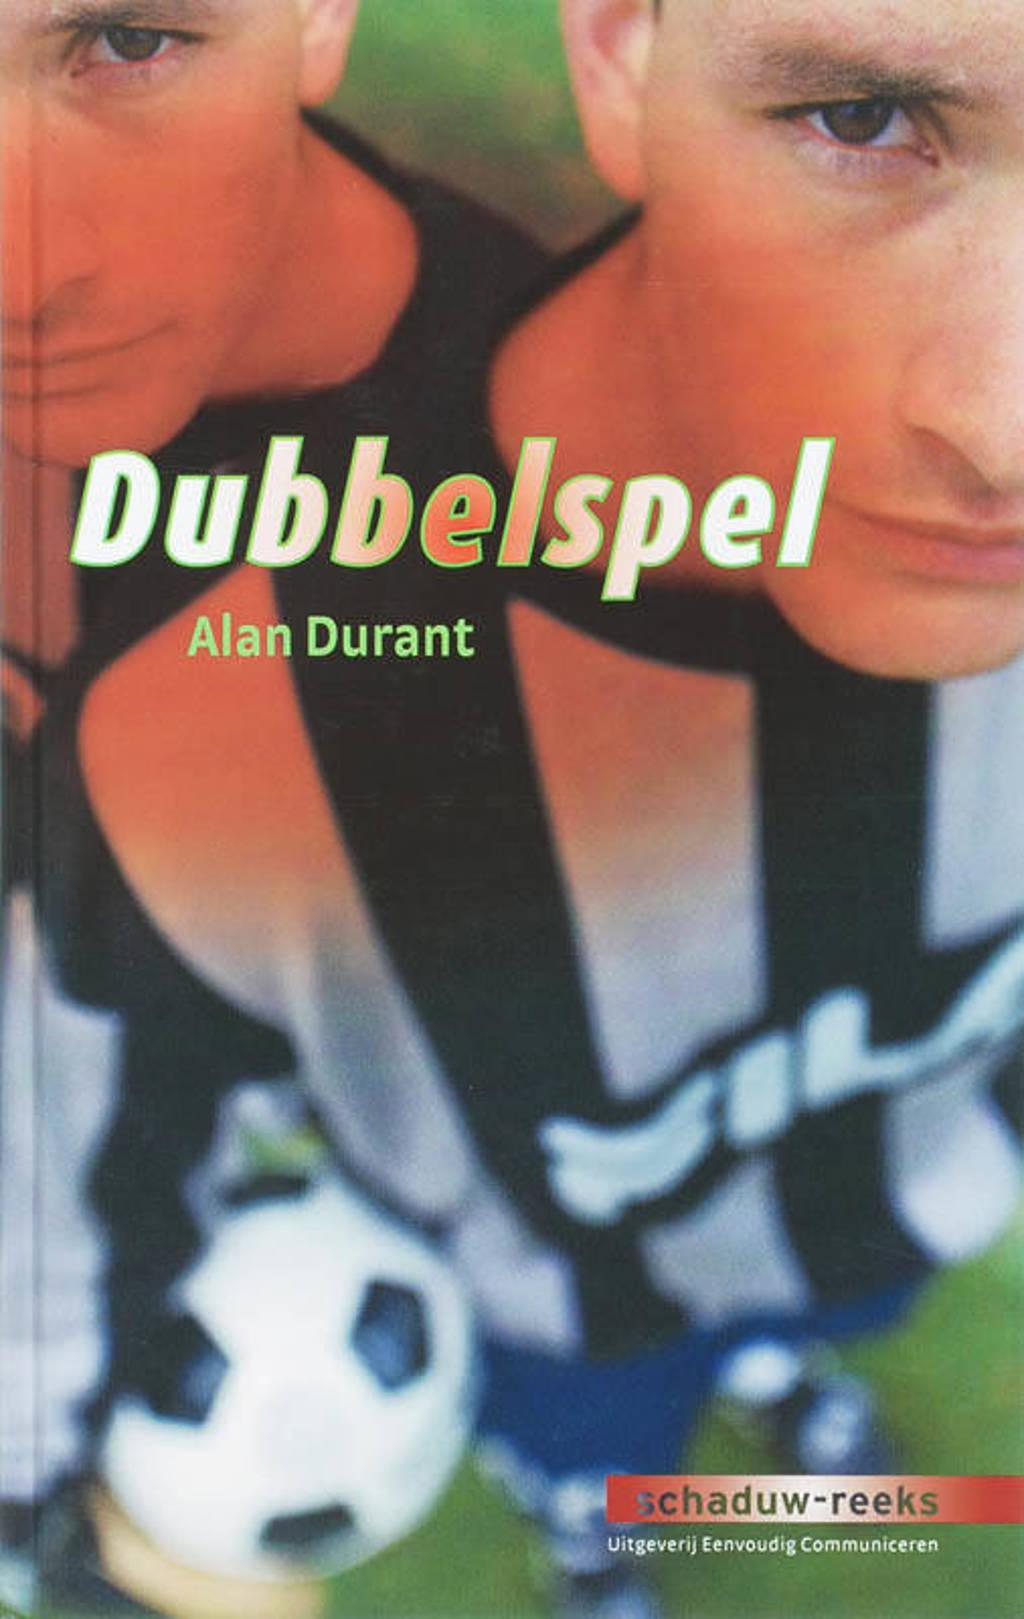 Schaduw-reeks: Dubbelspel - A. Durant